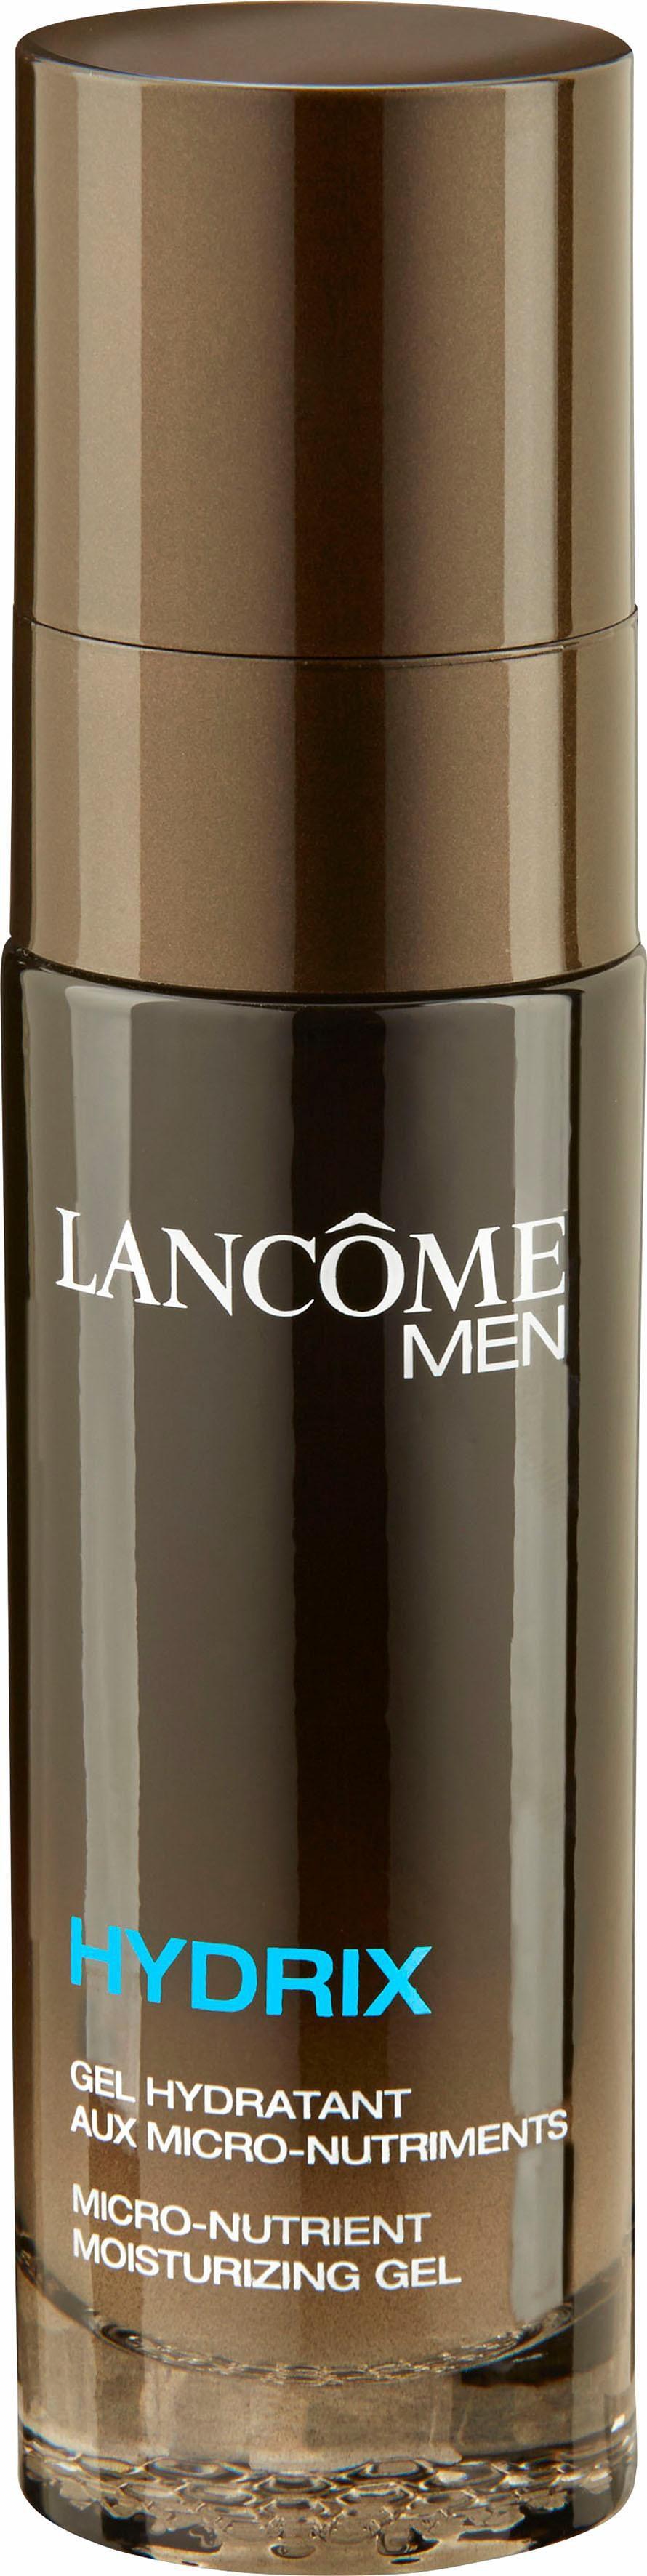 Lancôme Men, »Hydrix Gel Hydratant«, Feuchtigkeitsspendendes Pflege-Gel